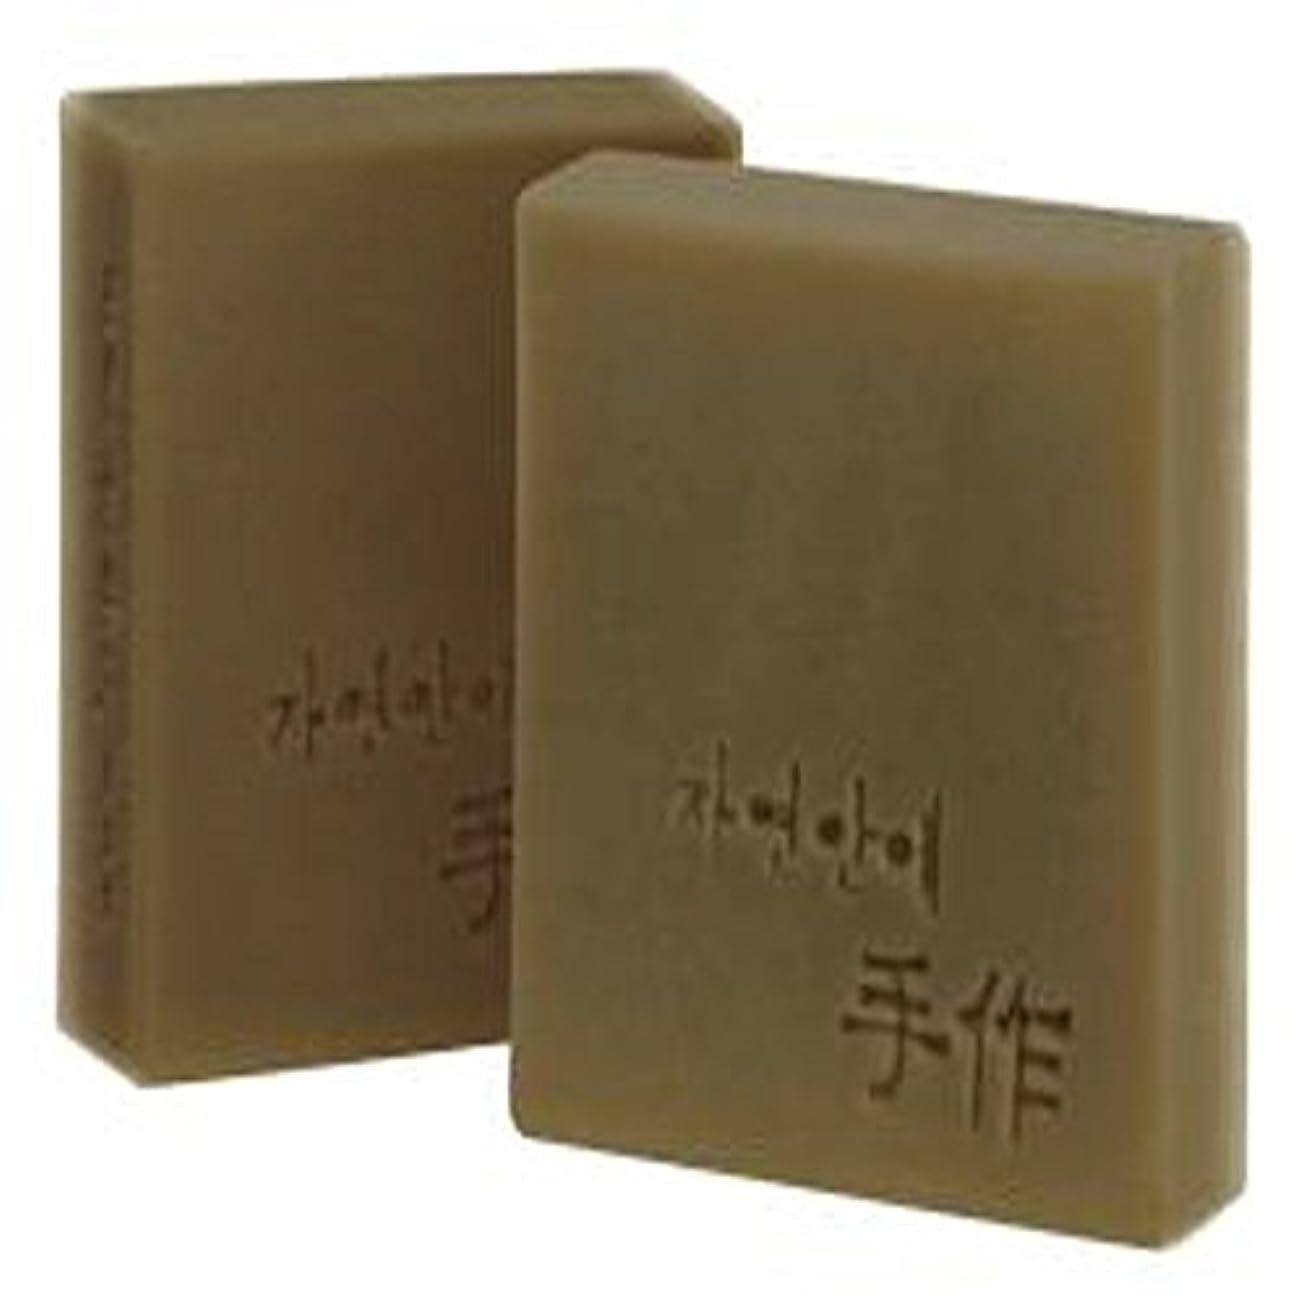 増加するブル測定可能Natural organic 有機天然ソープ 固形 無添加 洗顔せっけんクレンジング 石鹸 [並行輸入品] (カボチャ)